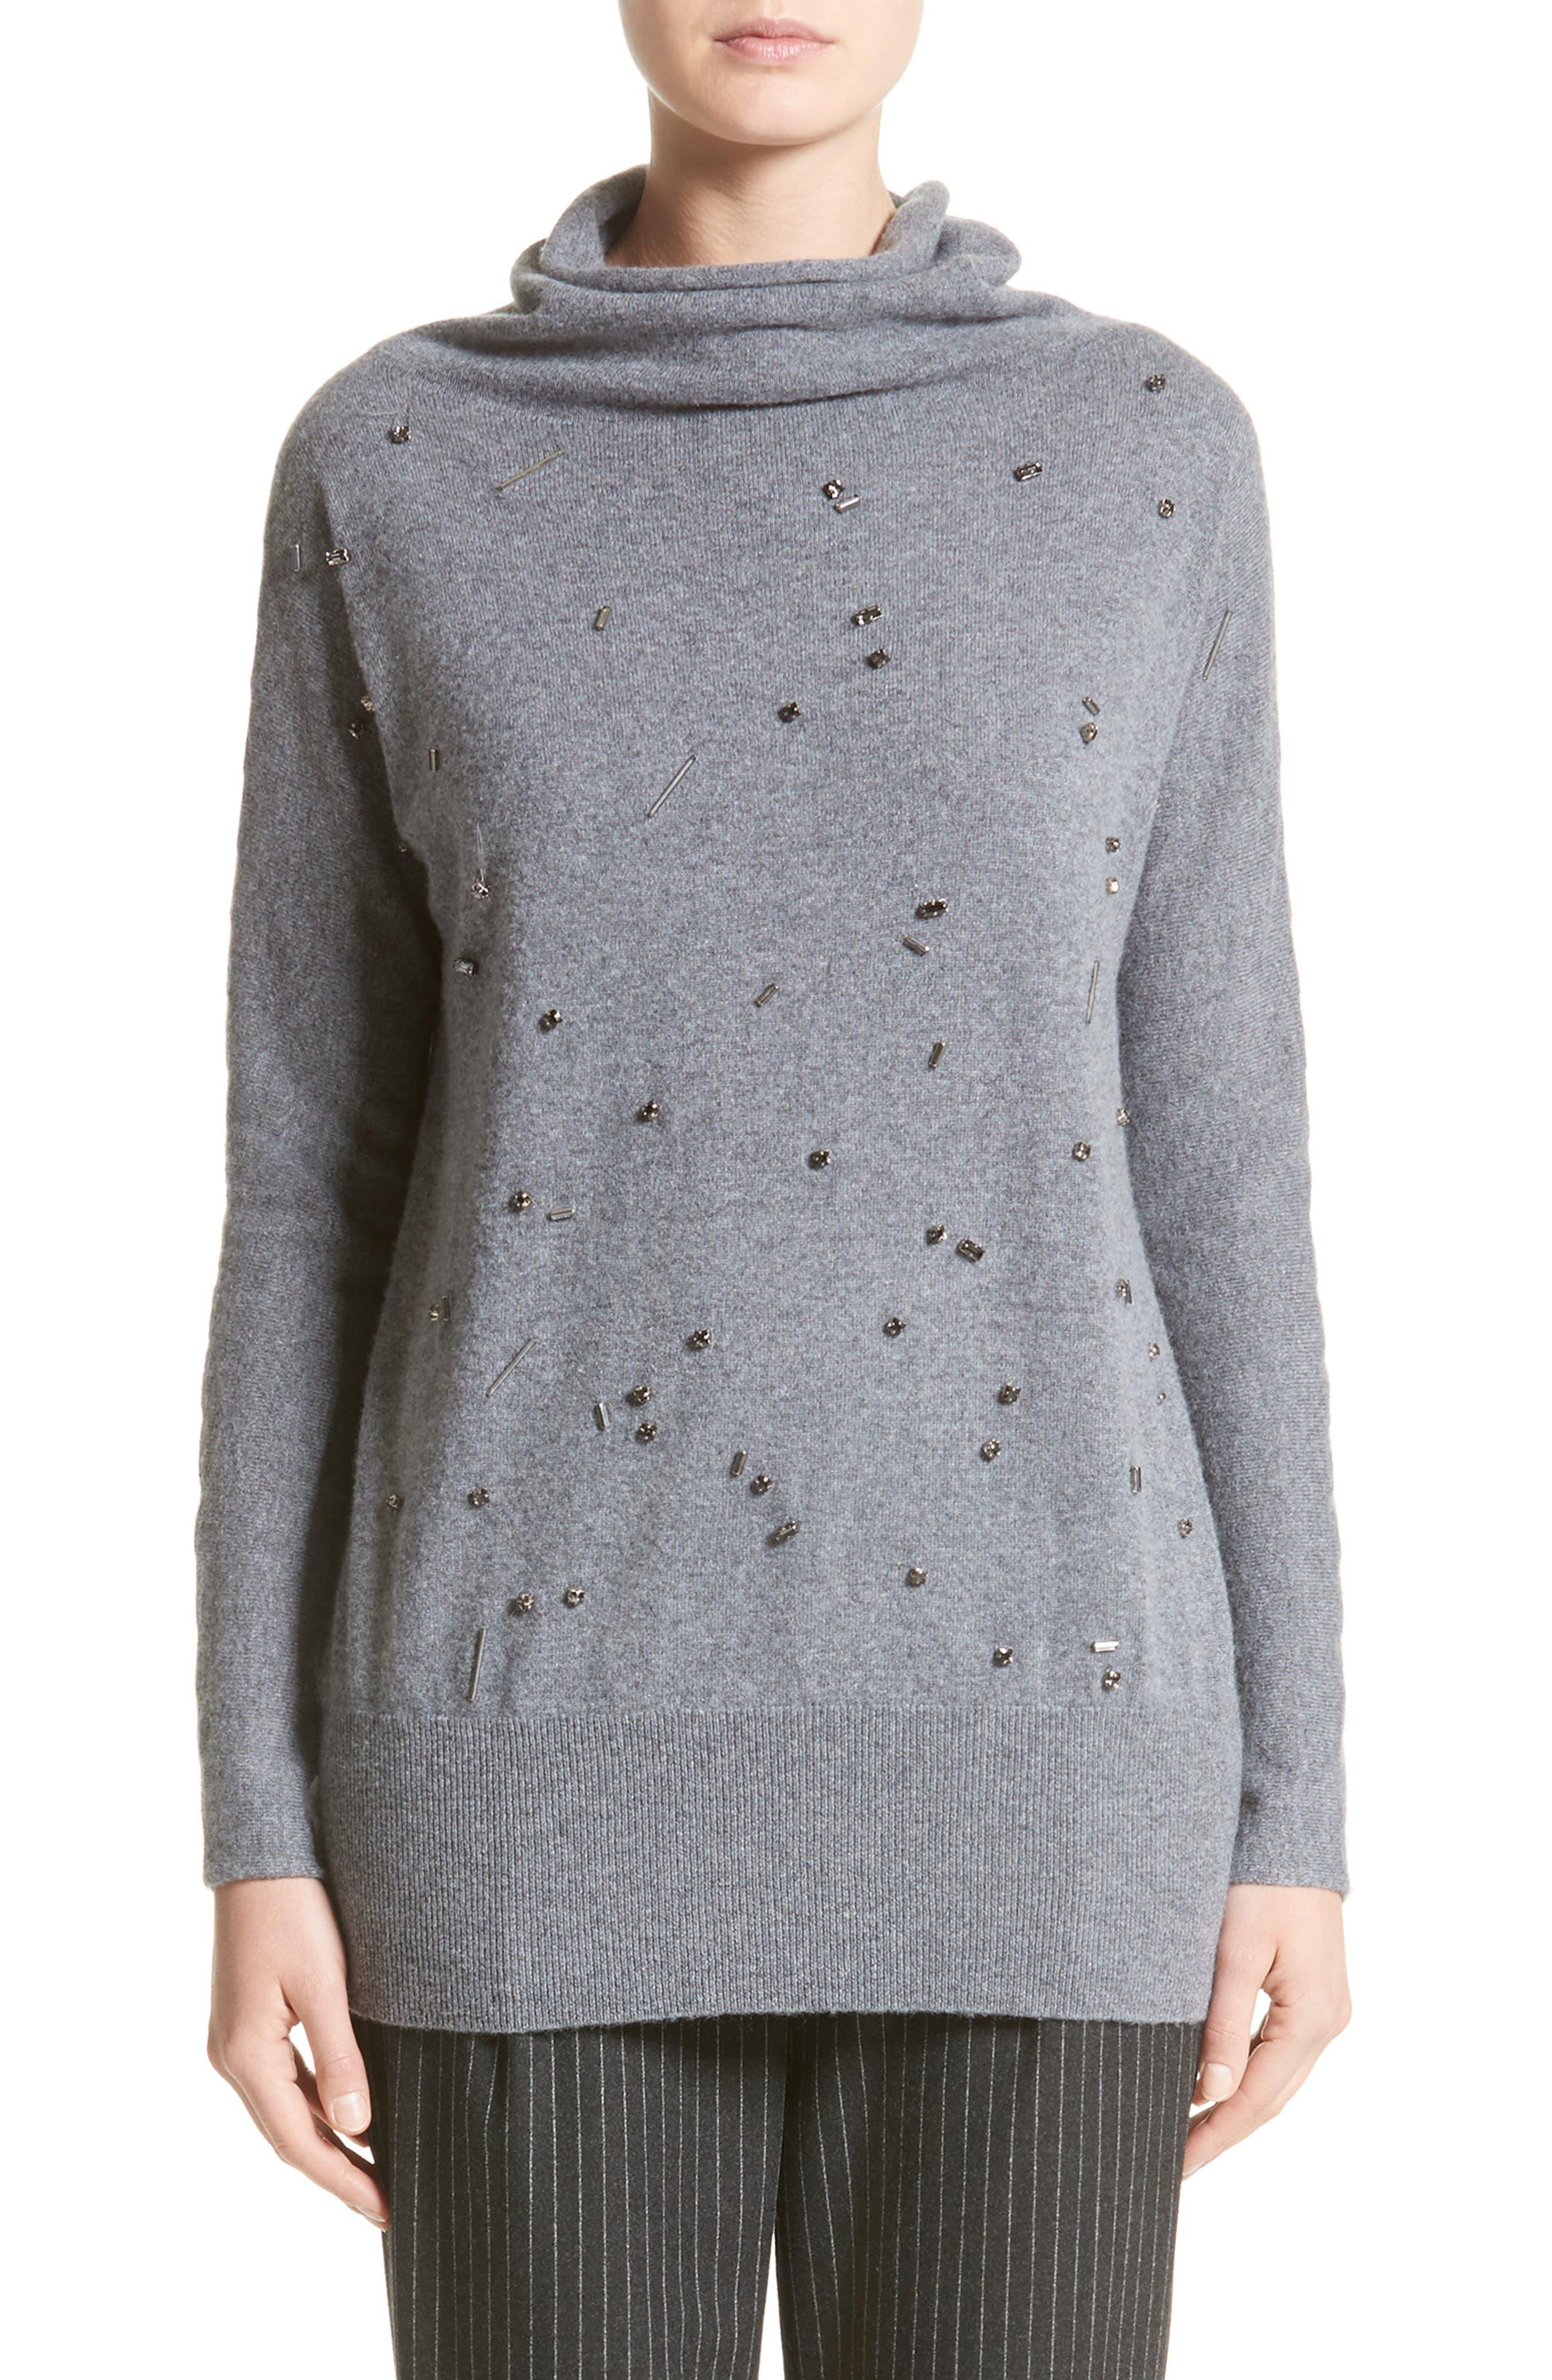 Main Image - Fabiana Filippi Embellished Cashmere Turtleneck Sweater